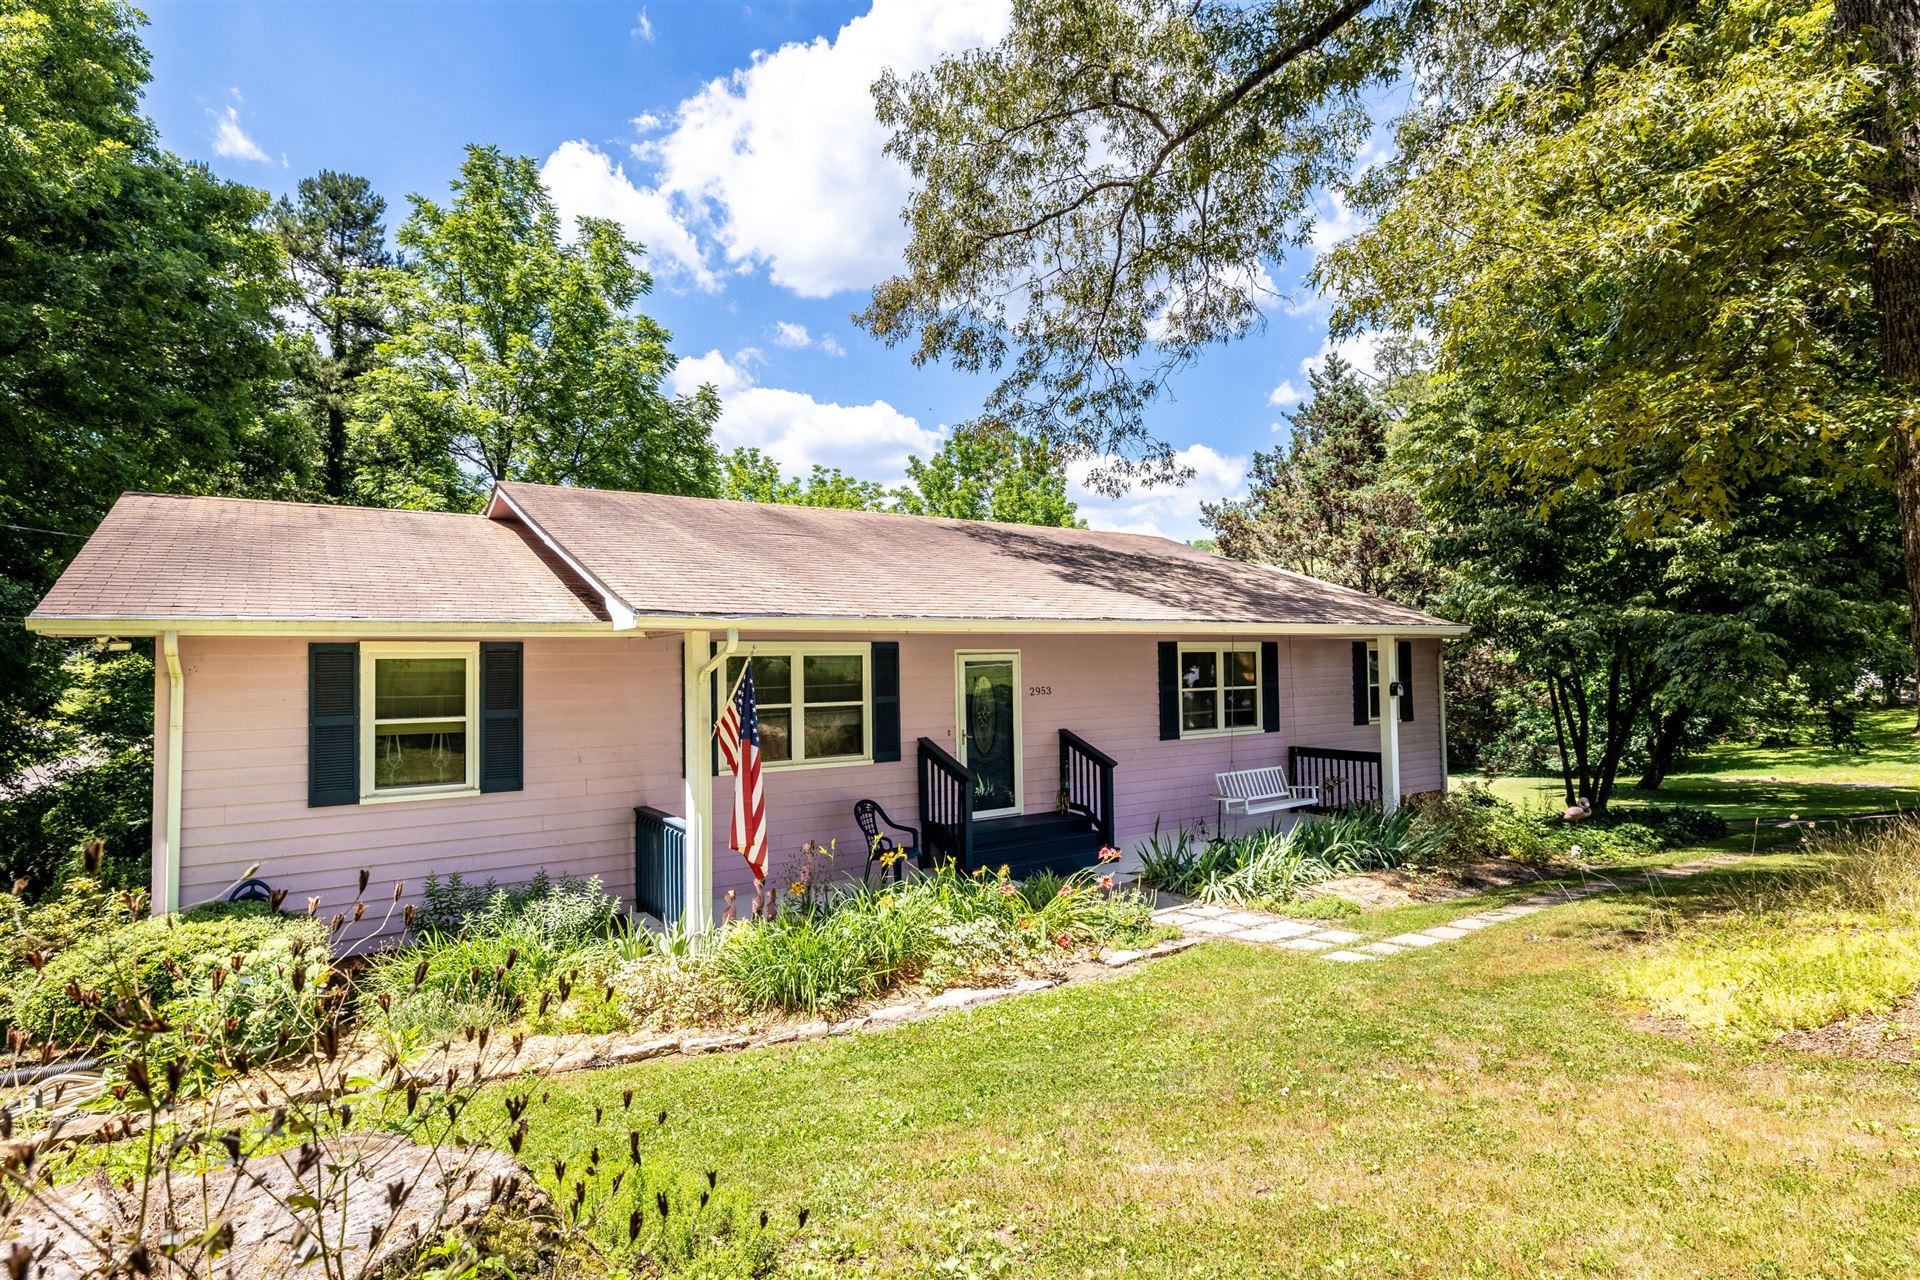 Photo of 2953 Marvin Circle, Maryville, TN 37803 (MLS # 1156883)